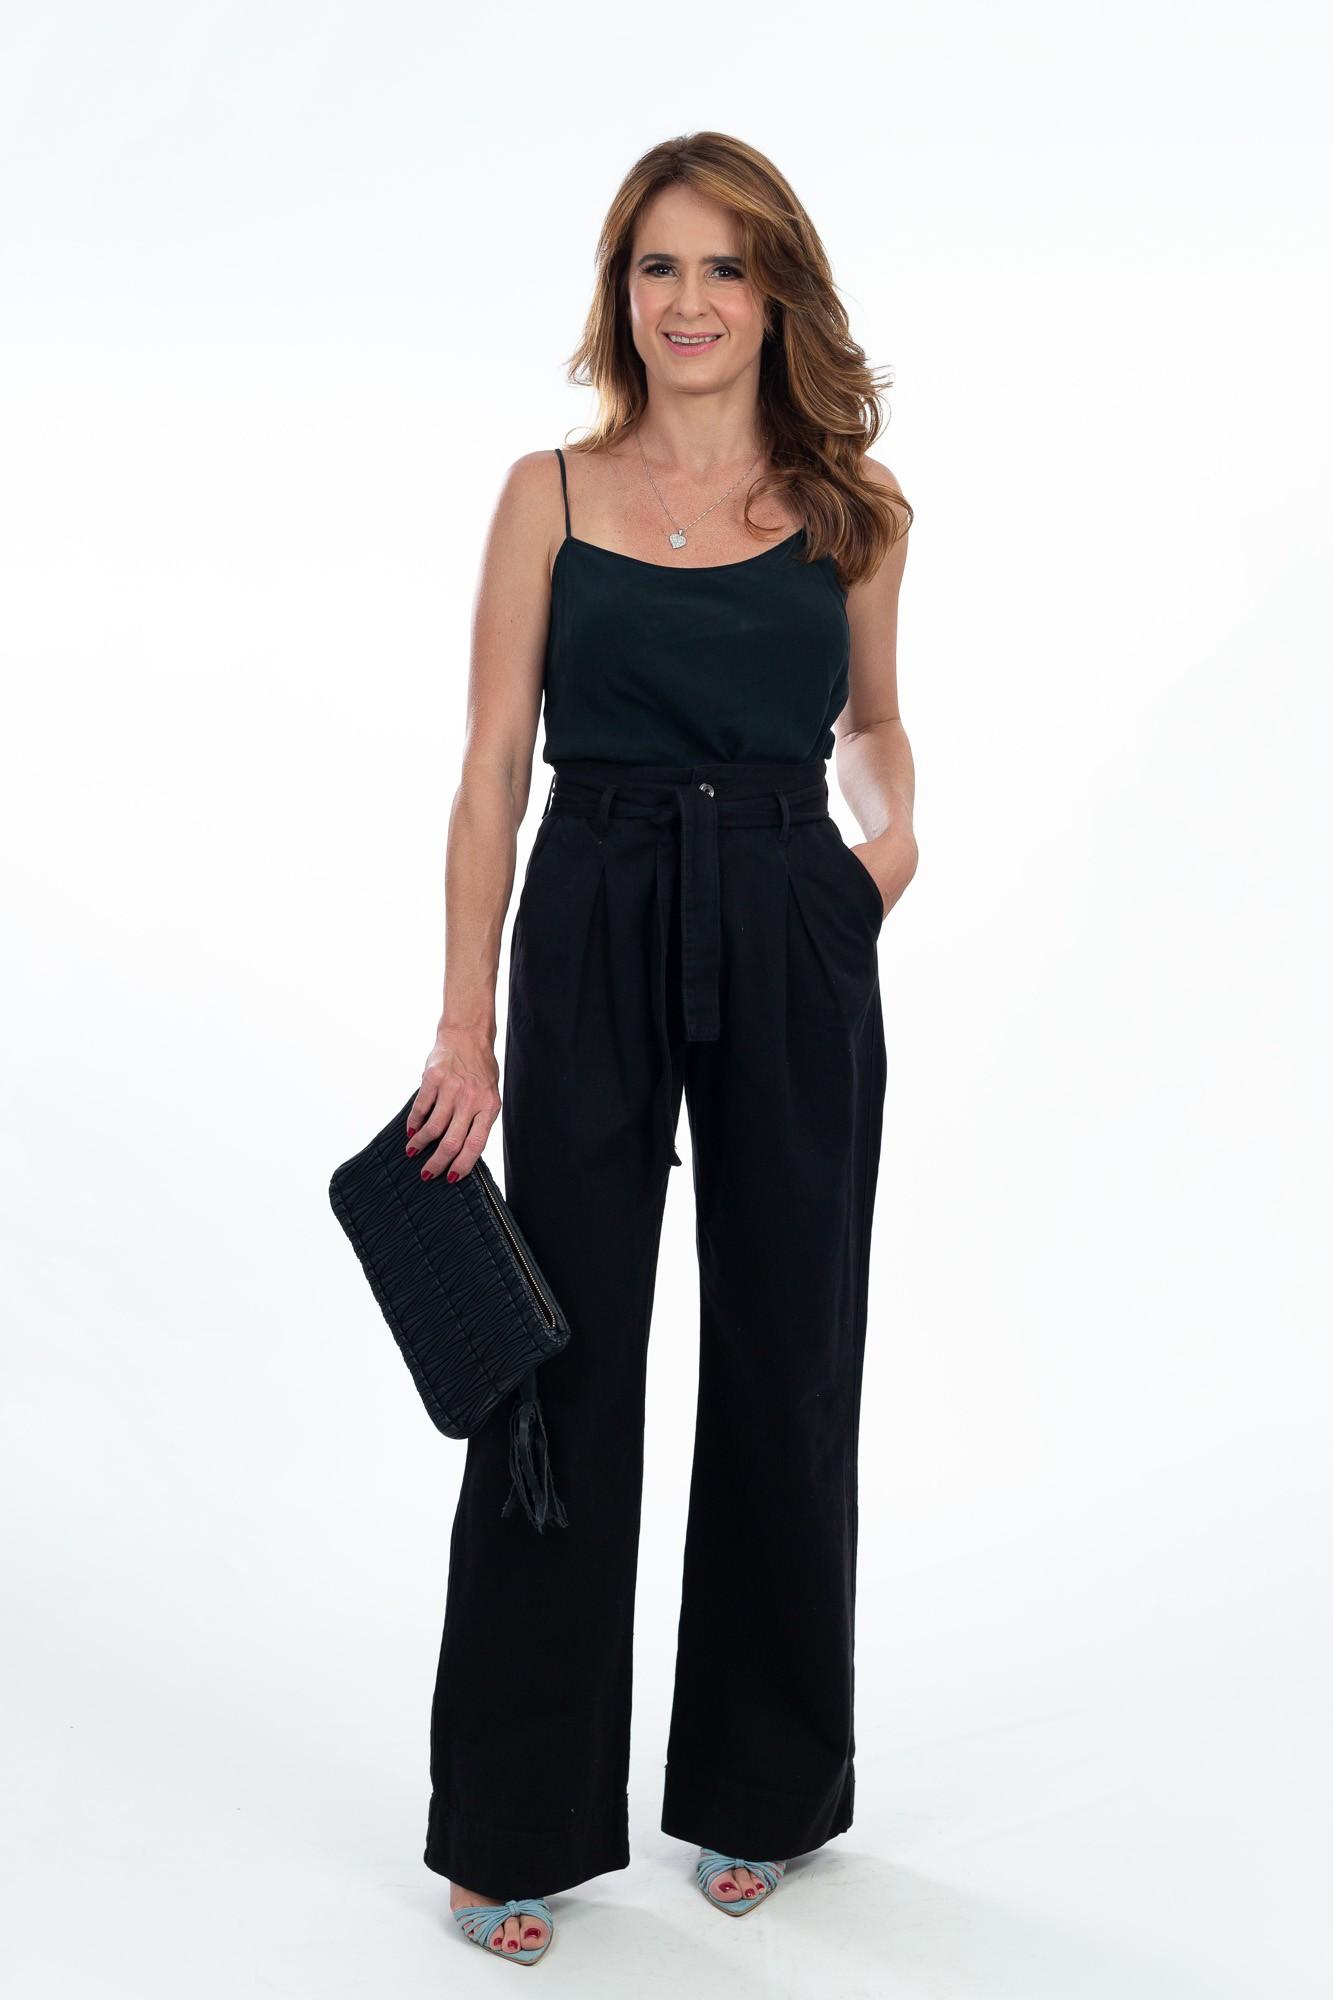 Calça pantalona preta amarração Avanzzo tam 38